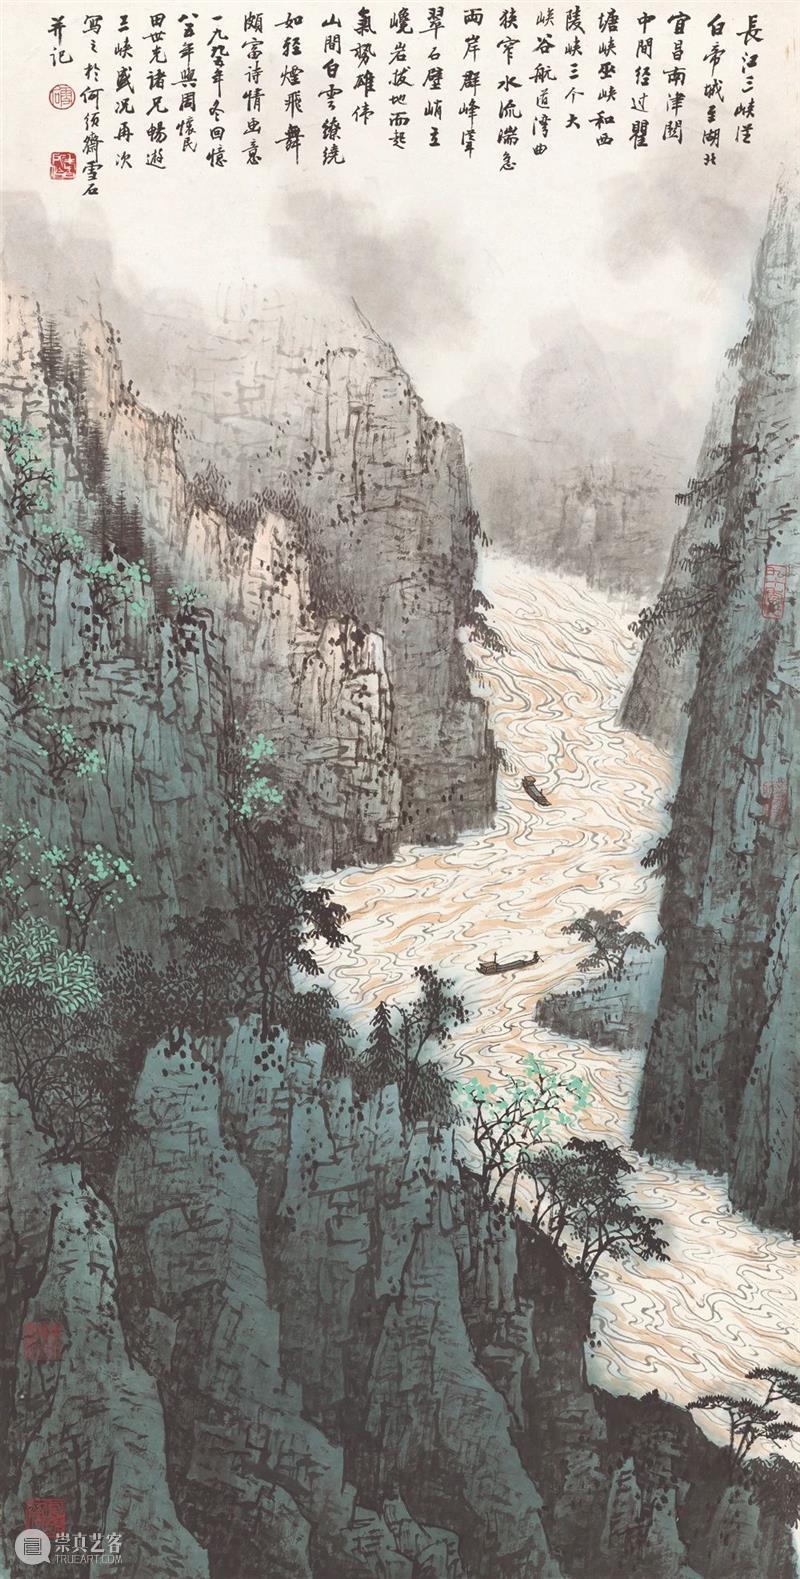 9·10 新展 | 立象尽意——白雪石中国画作品展 中国 白雪石 作品展 立象 文化 以来 传统 造型 笔墨 语言 崇真艺客